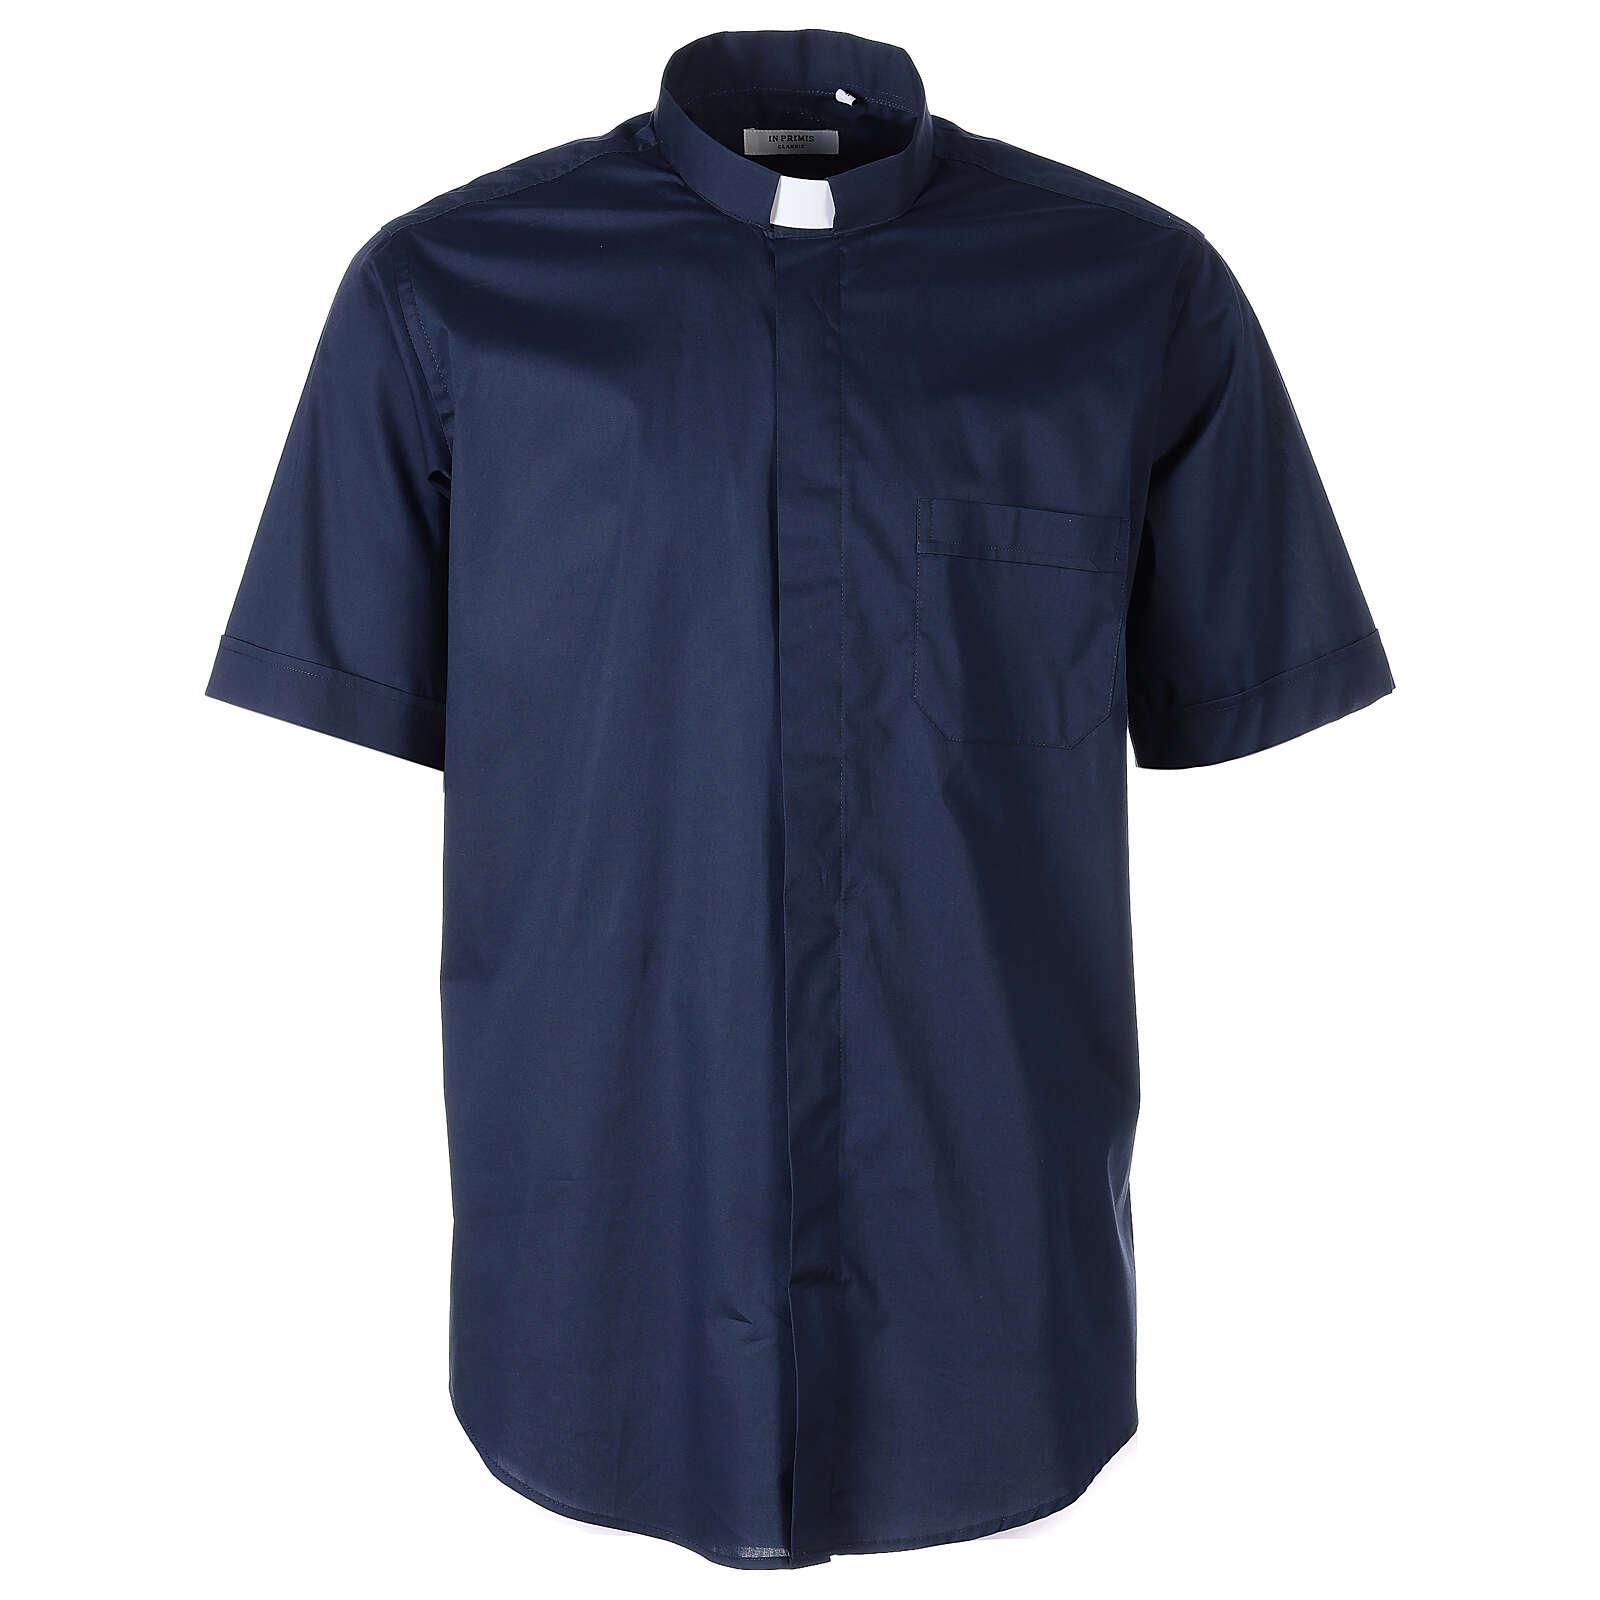 Chemise clergy In Primis élastique coton demi-manches bleue 4